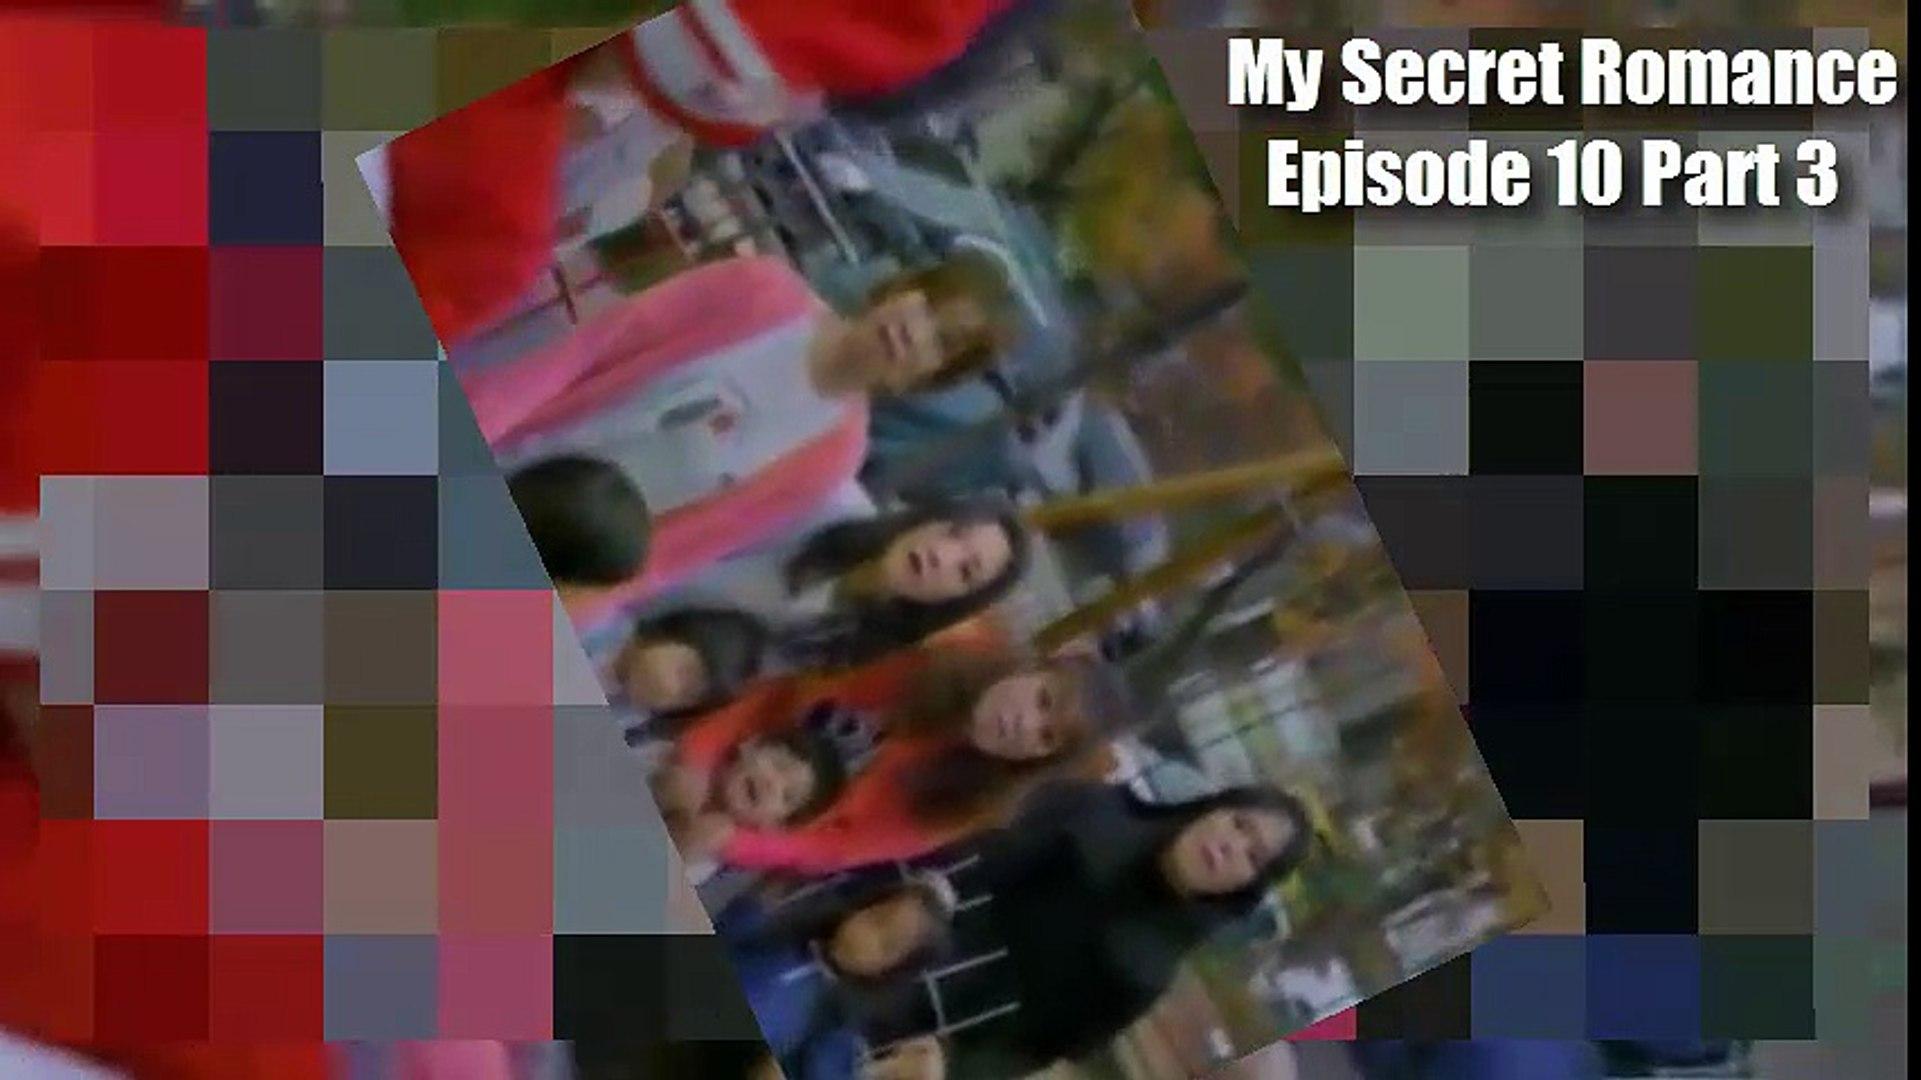 My Secret Romance Tagalog Dubbed Ep10 Part 3